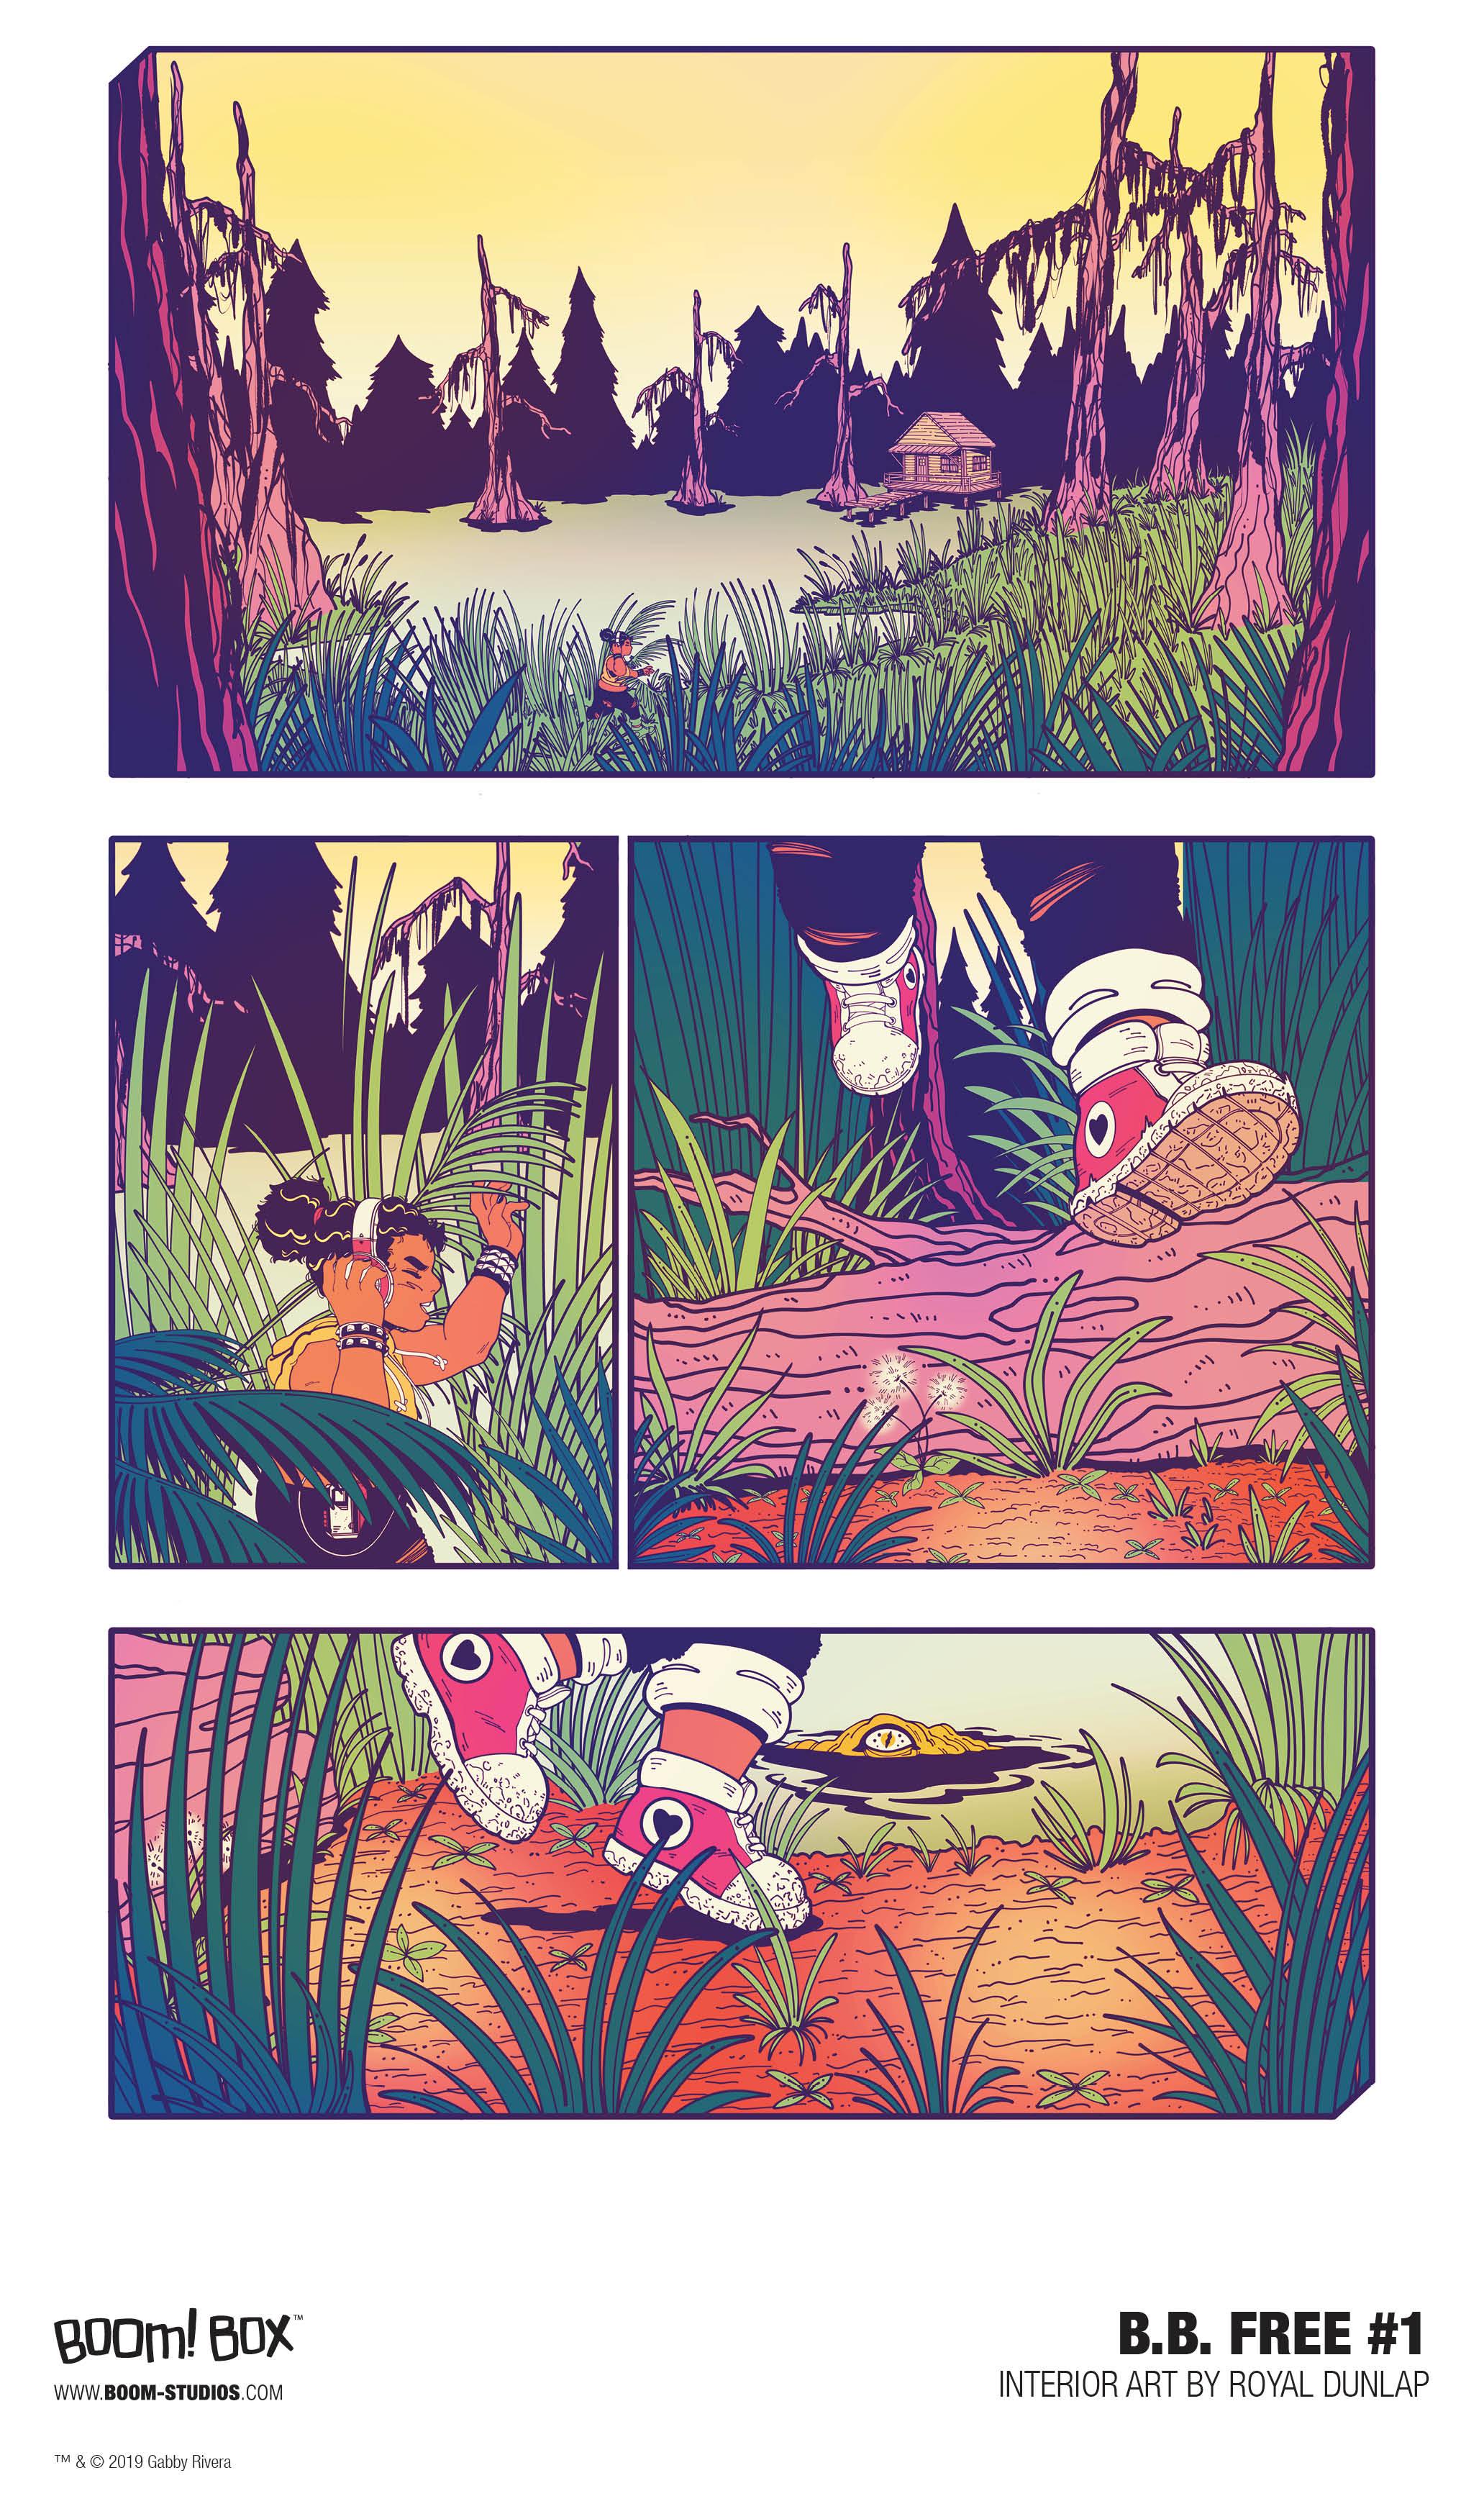 b.b. free #1 -- Page 1 -- under BOOM! Box.